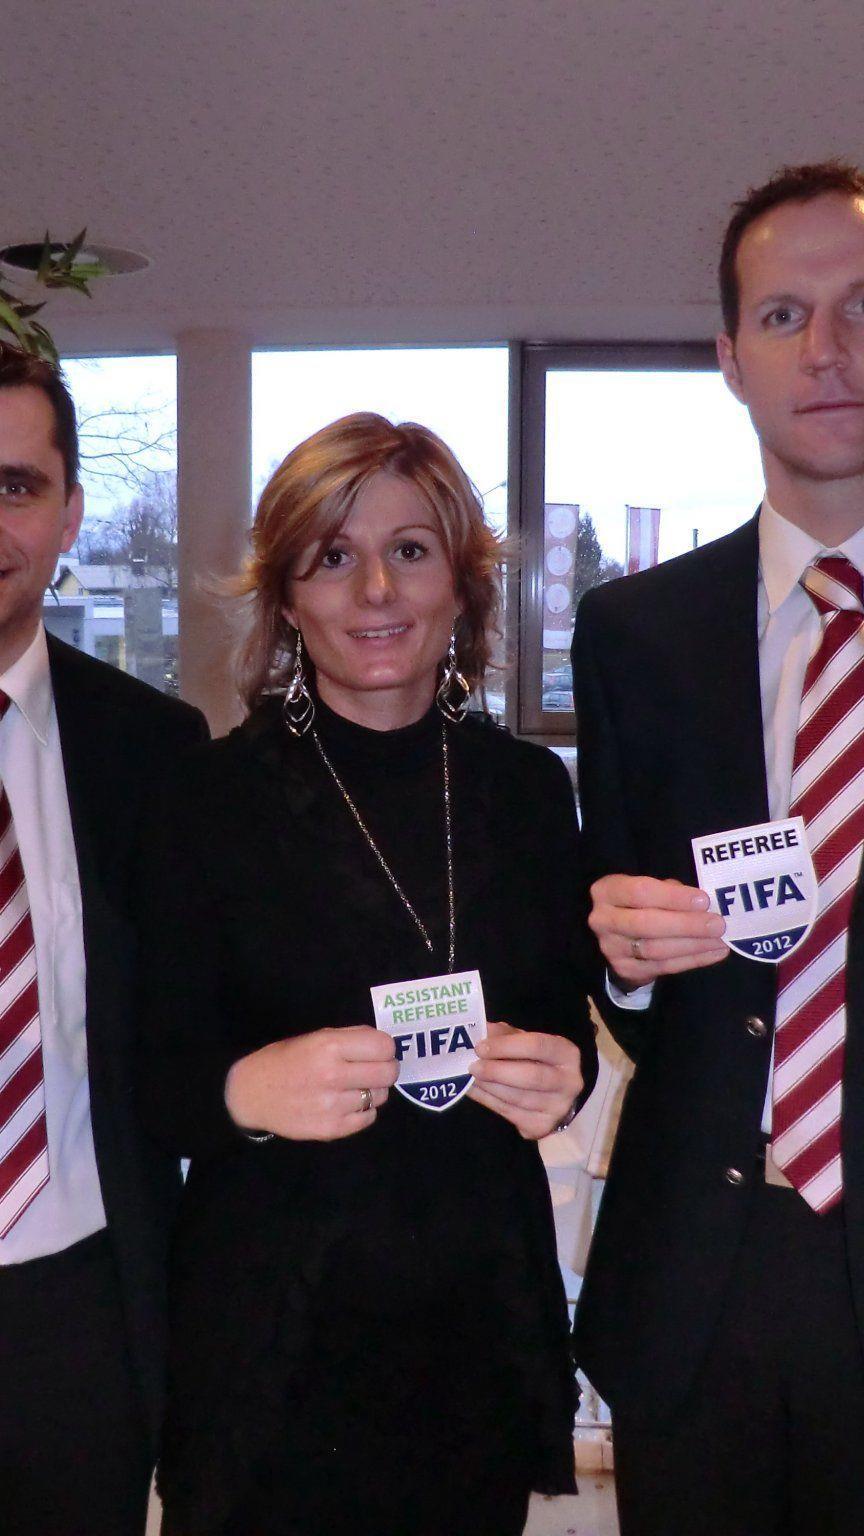 Neues FIFA-Abzeichen für Mario Strudl, Cindy Zeferino und Robert Schörgenhofer.